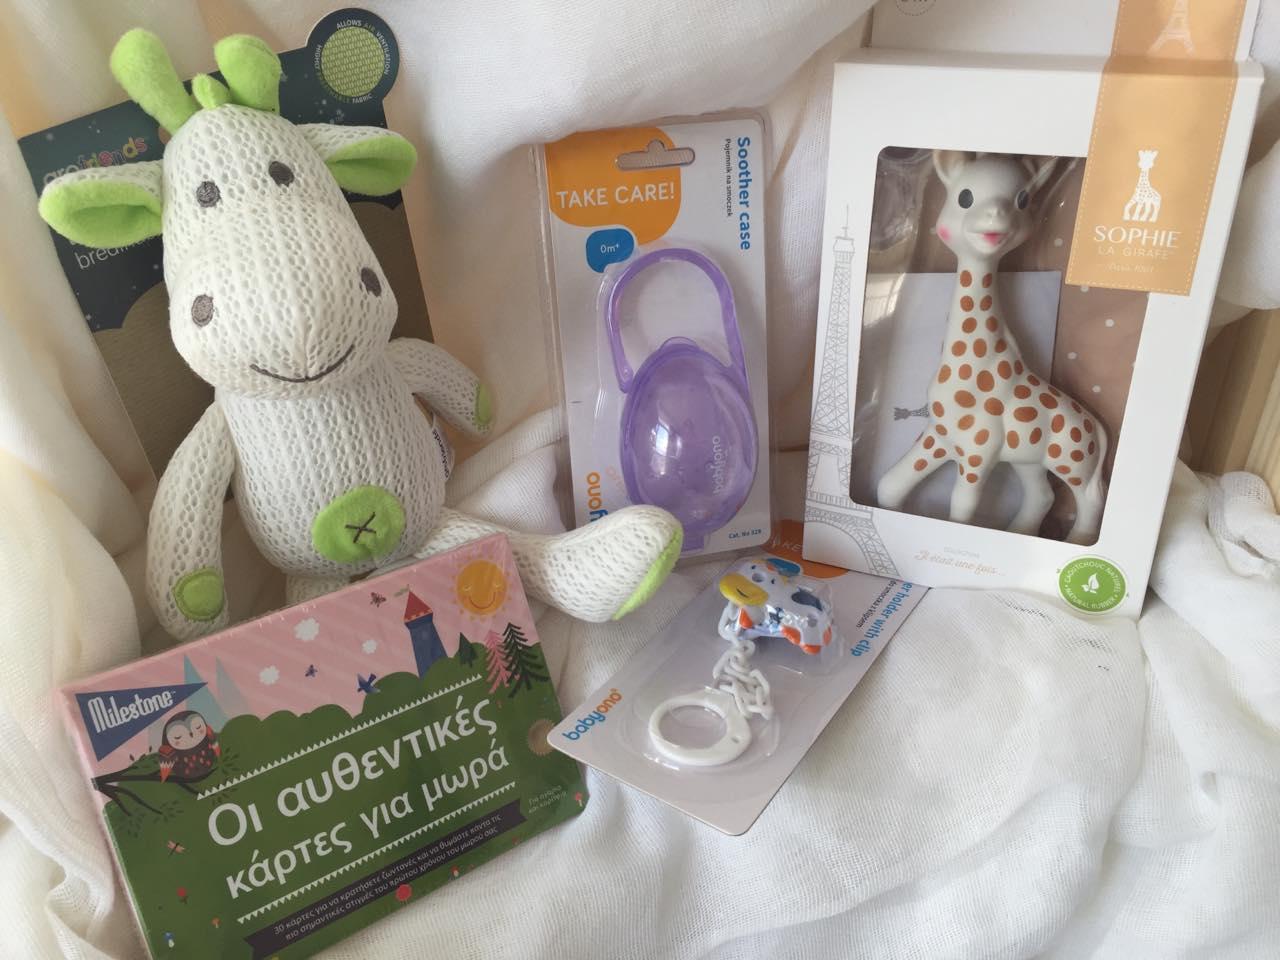 Ιδέες για δώρα    Πακέτο Δώρου 2 για Νεογέννητο d2784fd5bbb